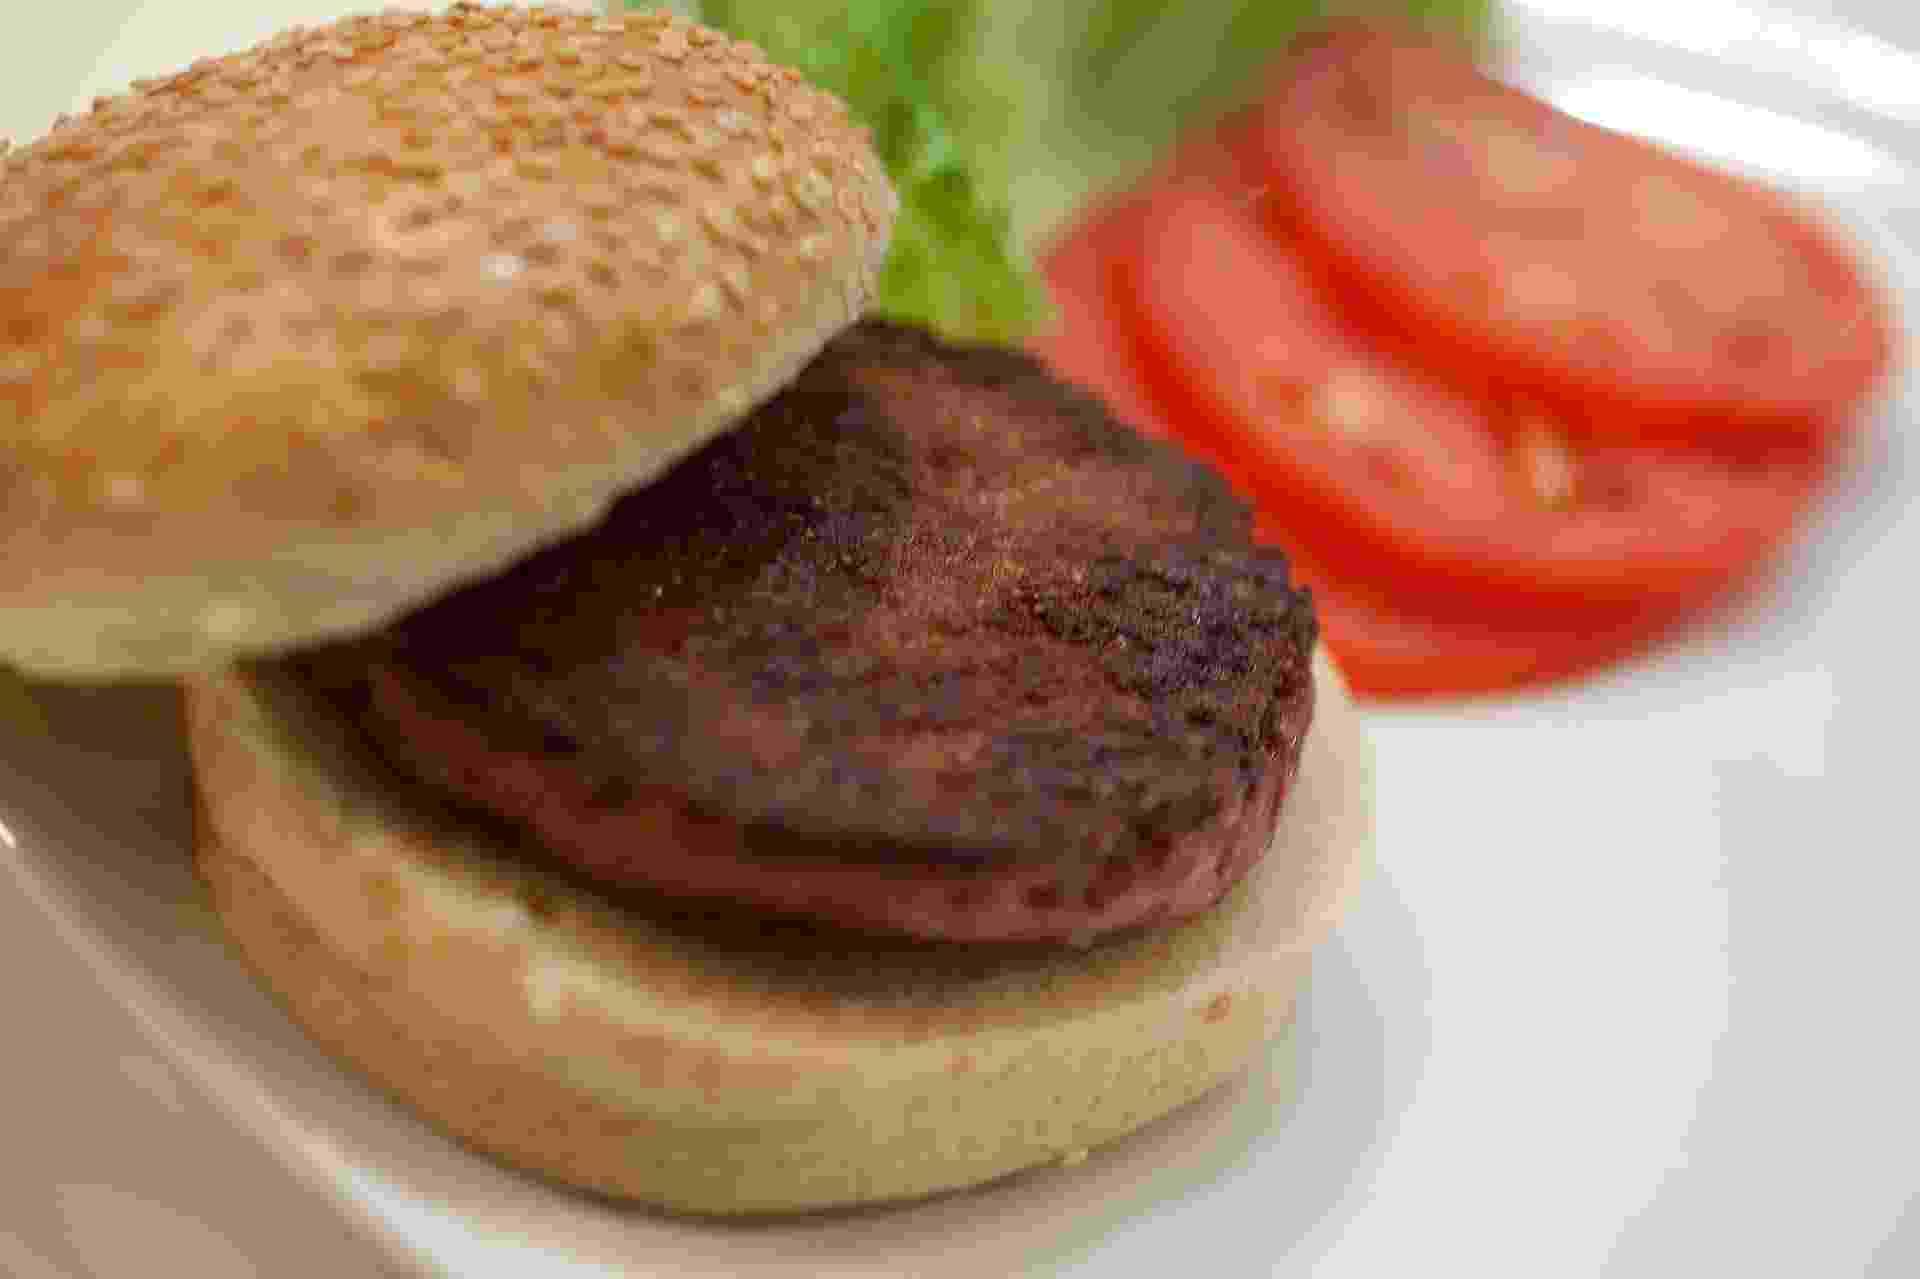 5.ago.2013 - O primeiro hambúrguer artificial usou cerca de 20 mil tiras de carne produzidas em laboratório a partir de células-tronco bovinas. Elas foram descongeladas antes de serem transformadas em uma massa compacta para ser cozida - David Parry/Reuters